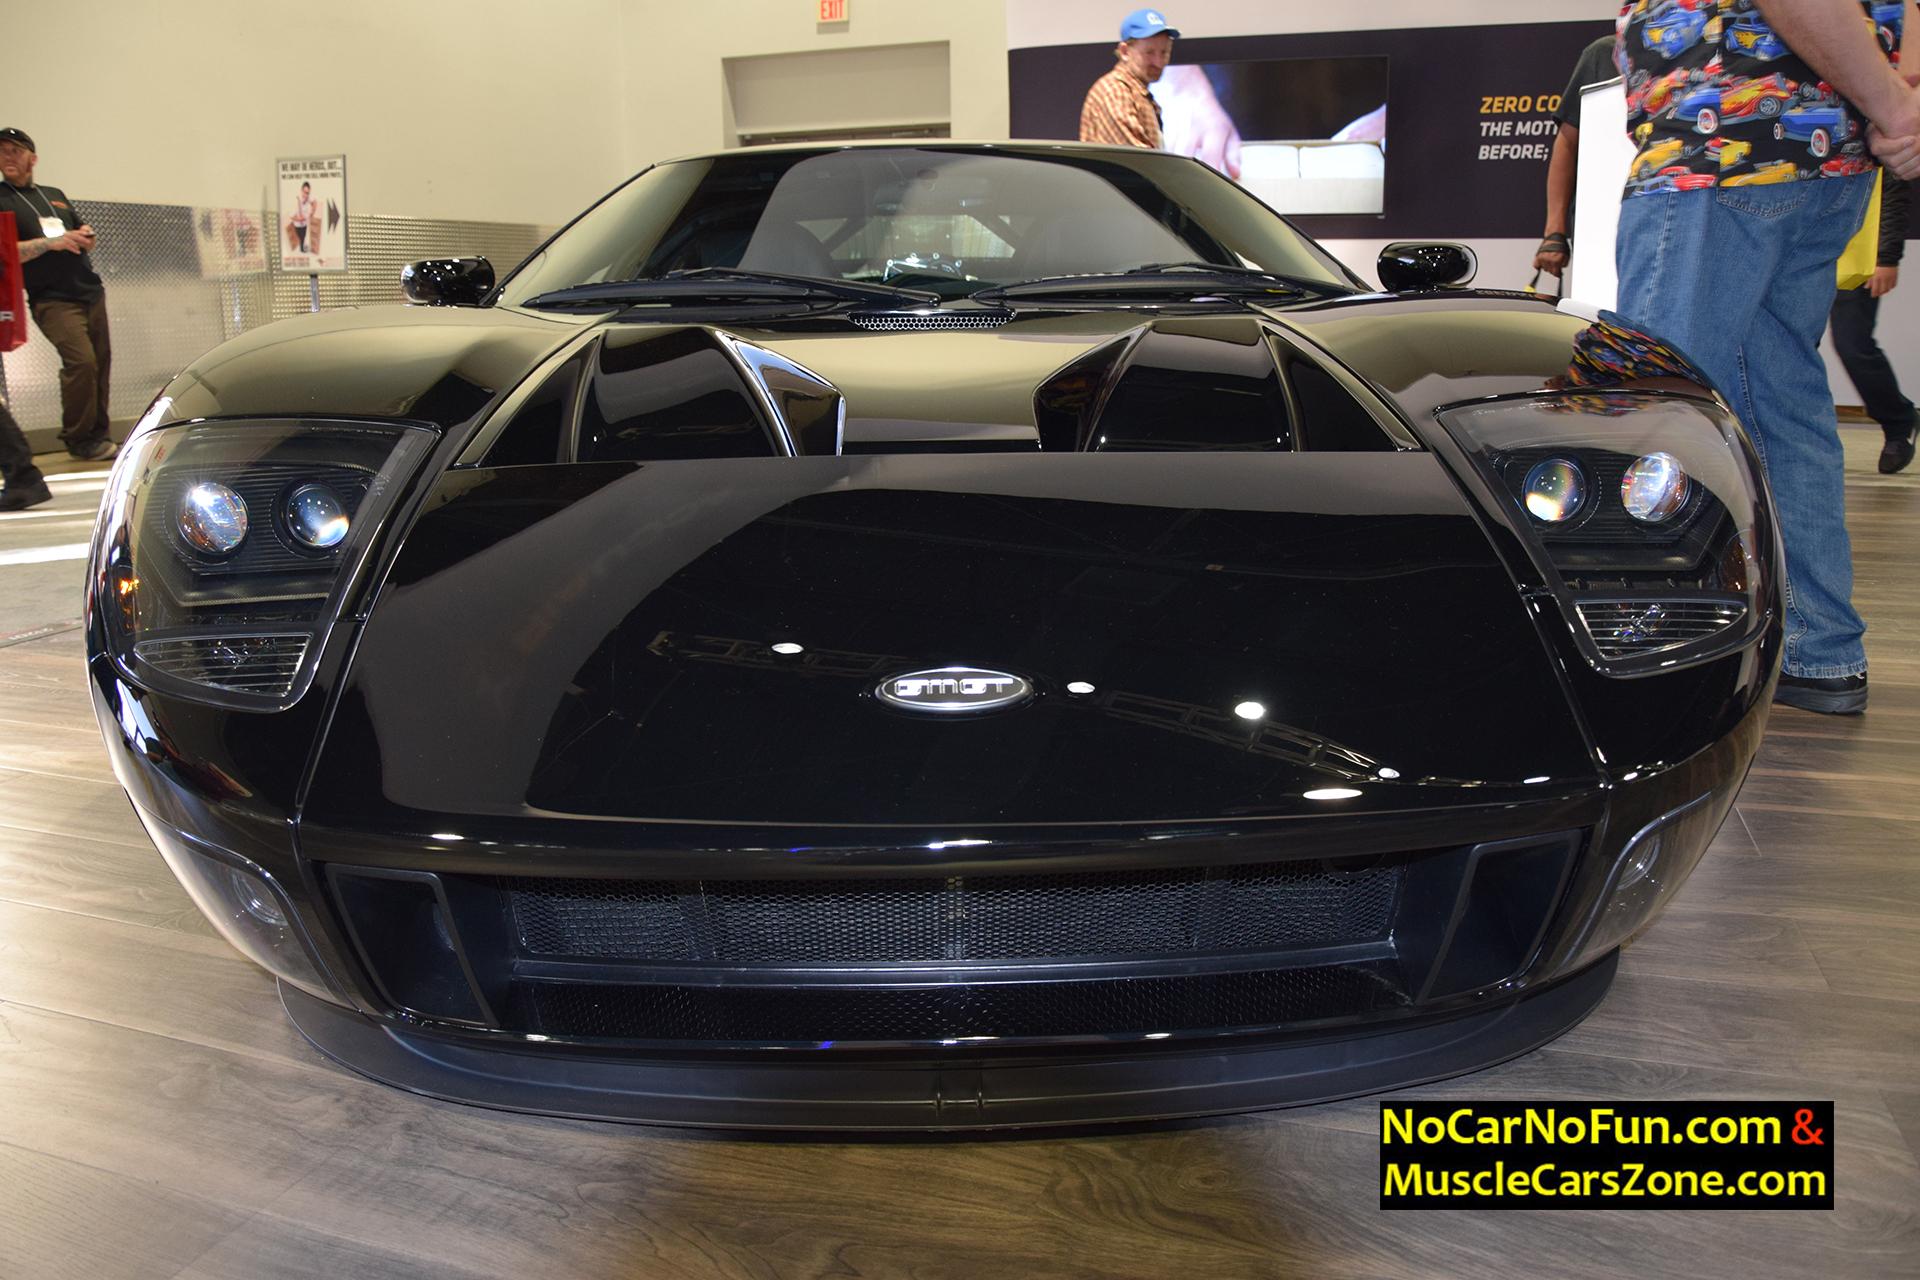 Classic Ford GT Gas Monkey Garage SEMA Motor Show NO - Gas monkey car show